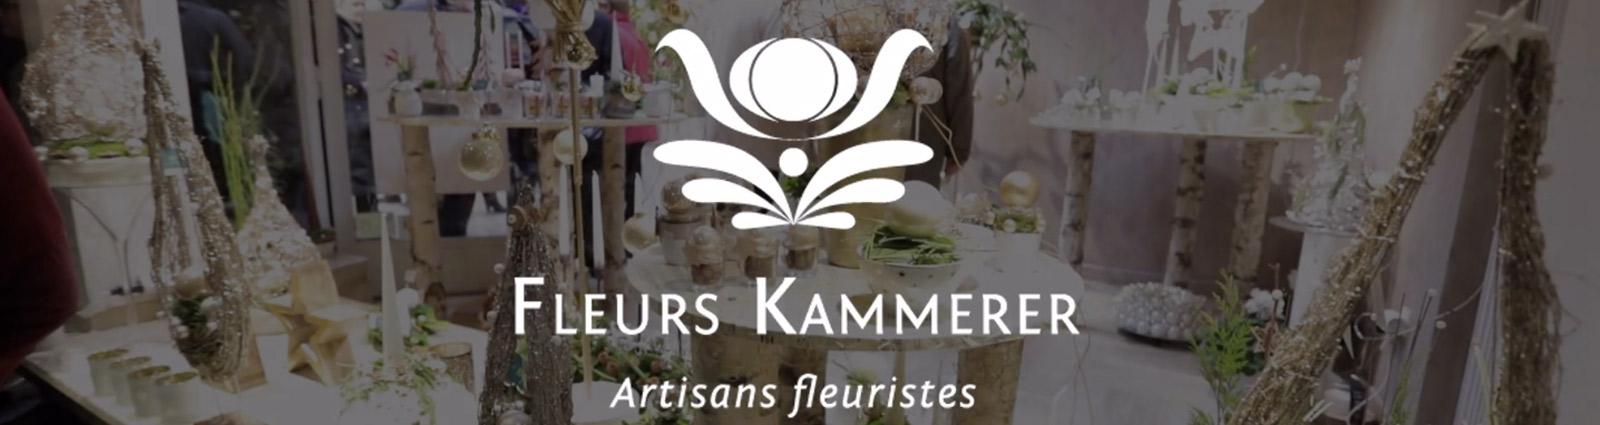 fleurs kammerer